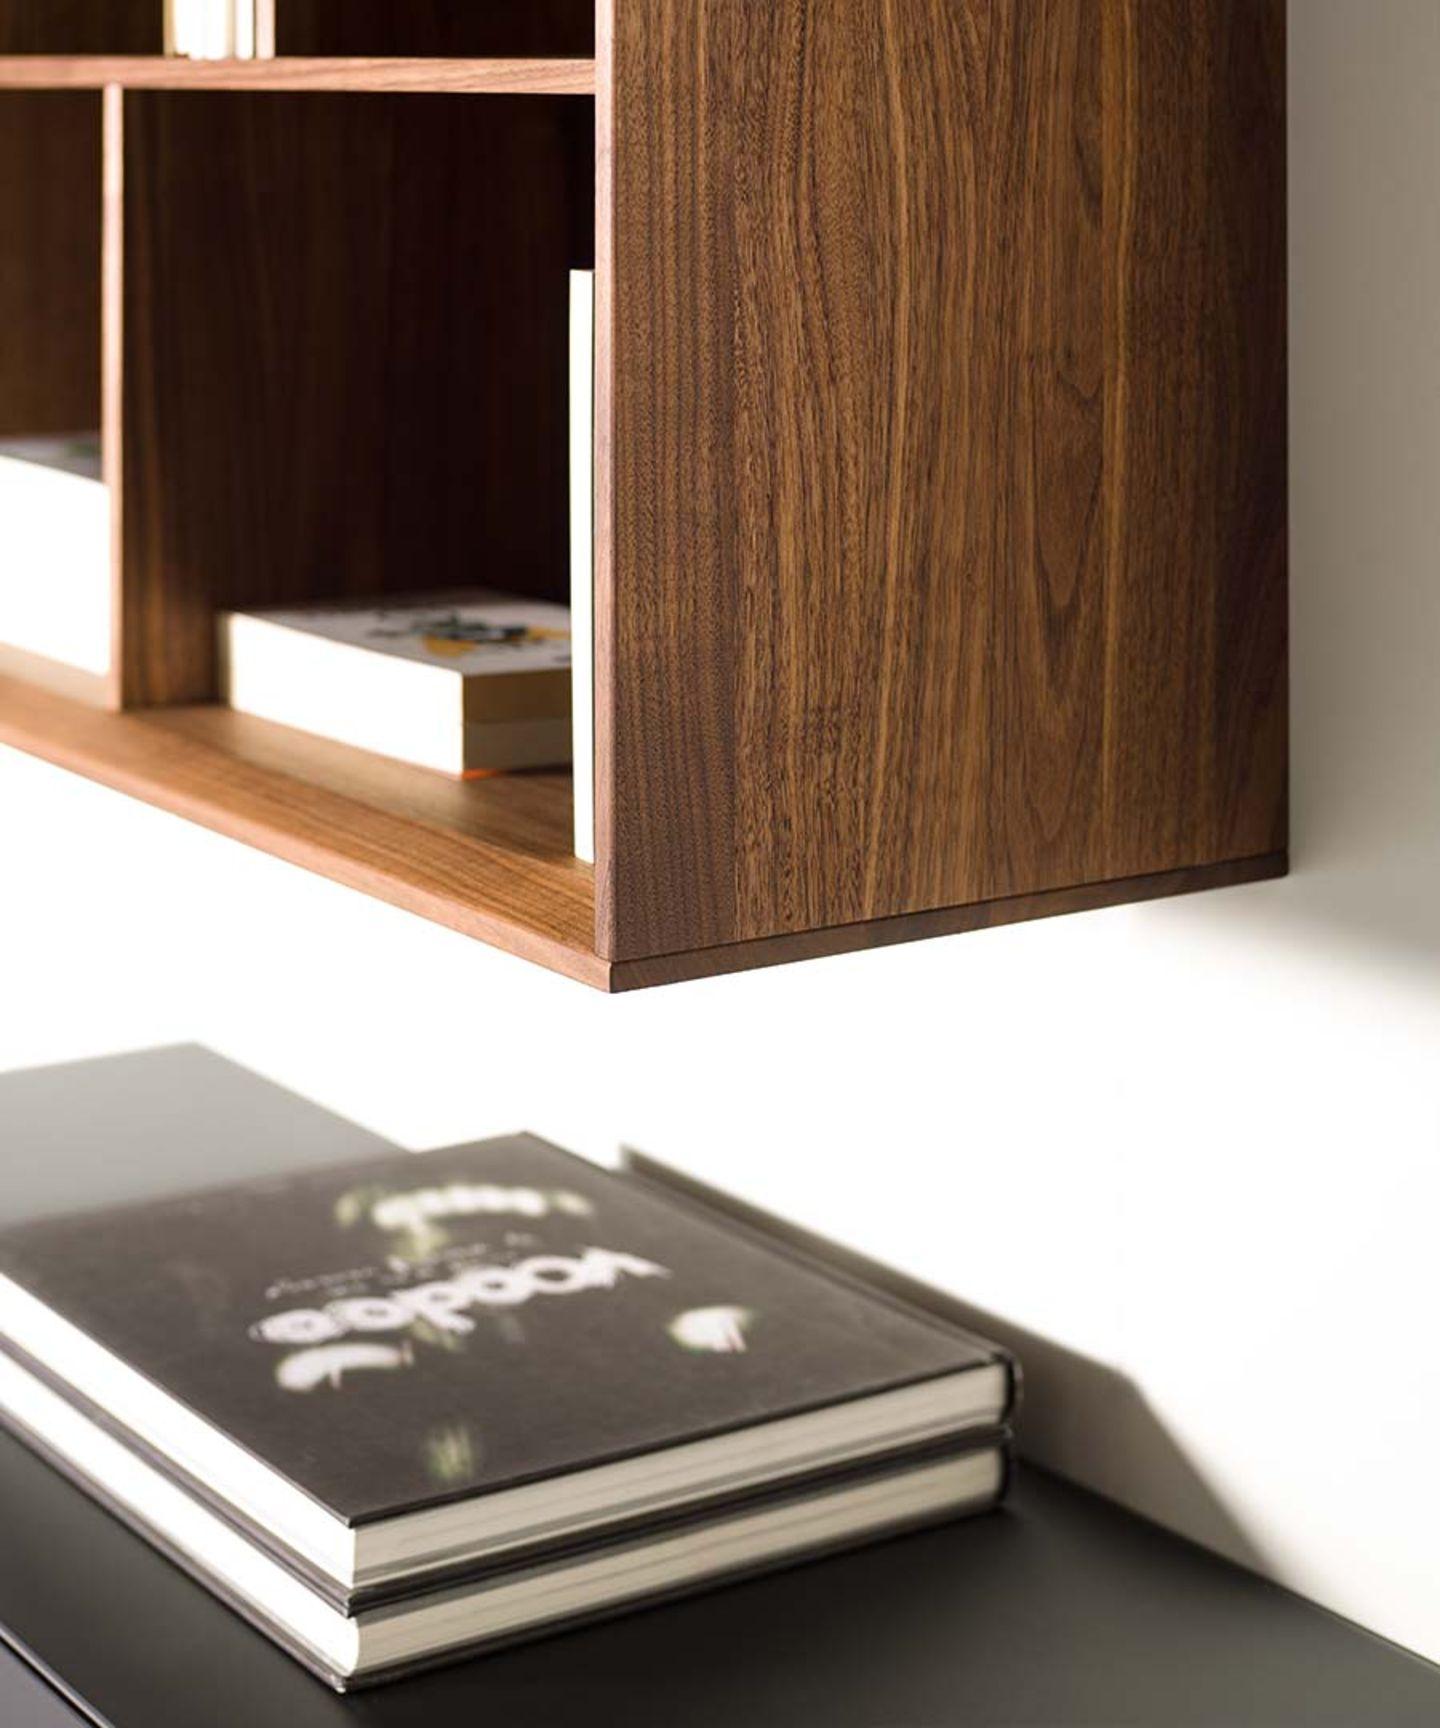 Parete attrezzata cubus pure in legno naturale con dettagli artigianali